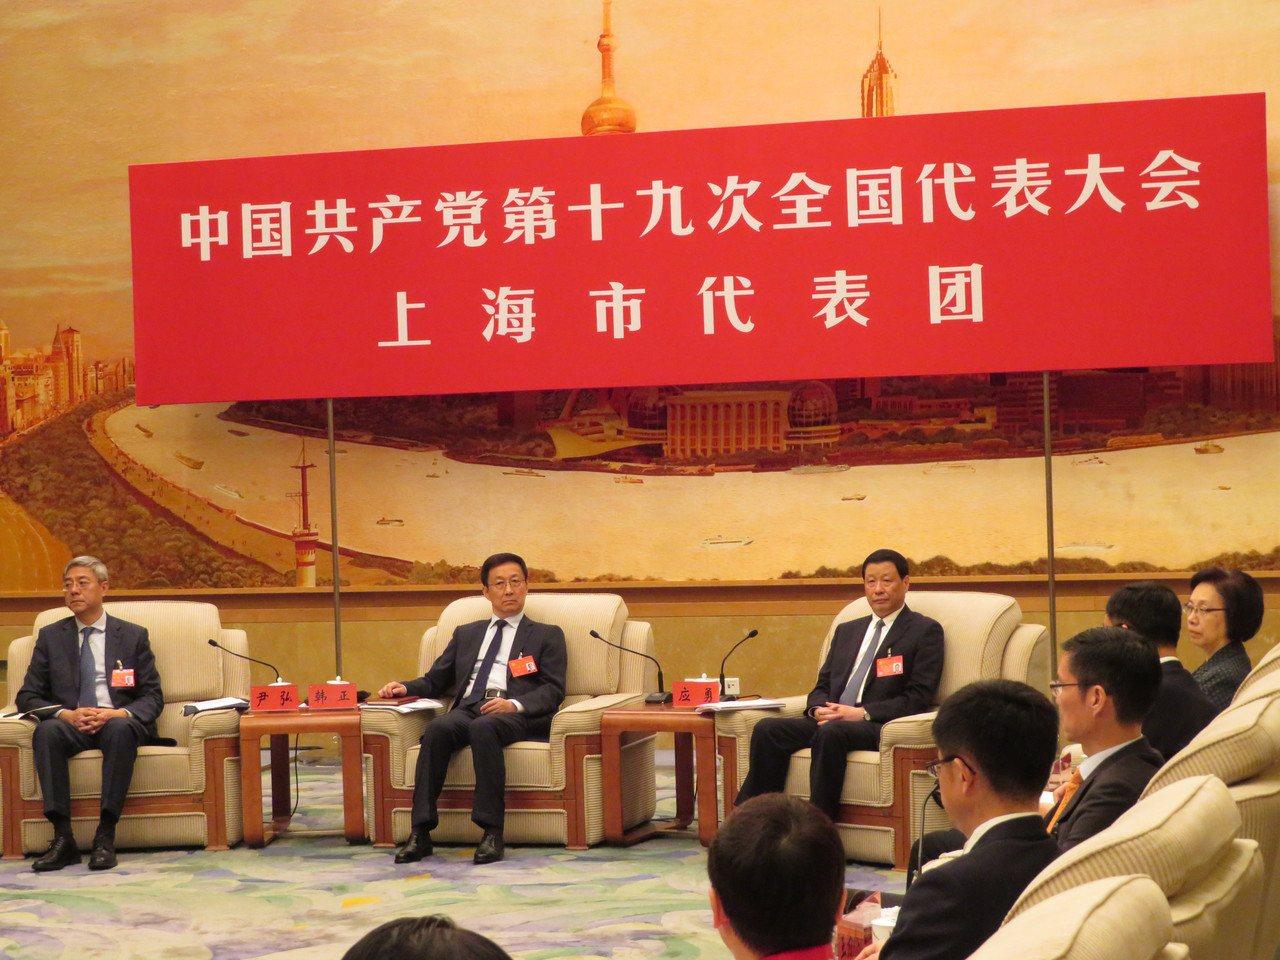 19大上海市代表團周四下午在人民大會堂上海廳舉行全團會議並向媒體開放。特派記者林...